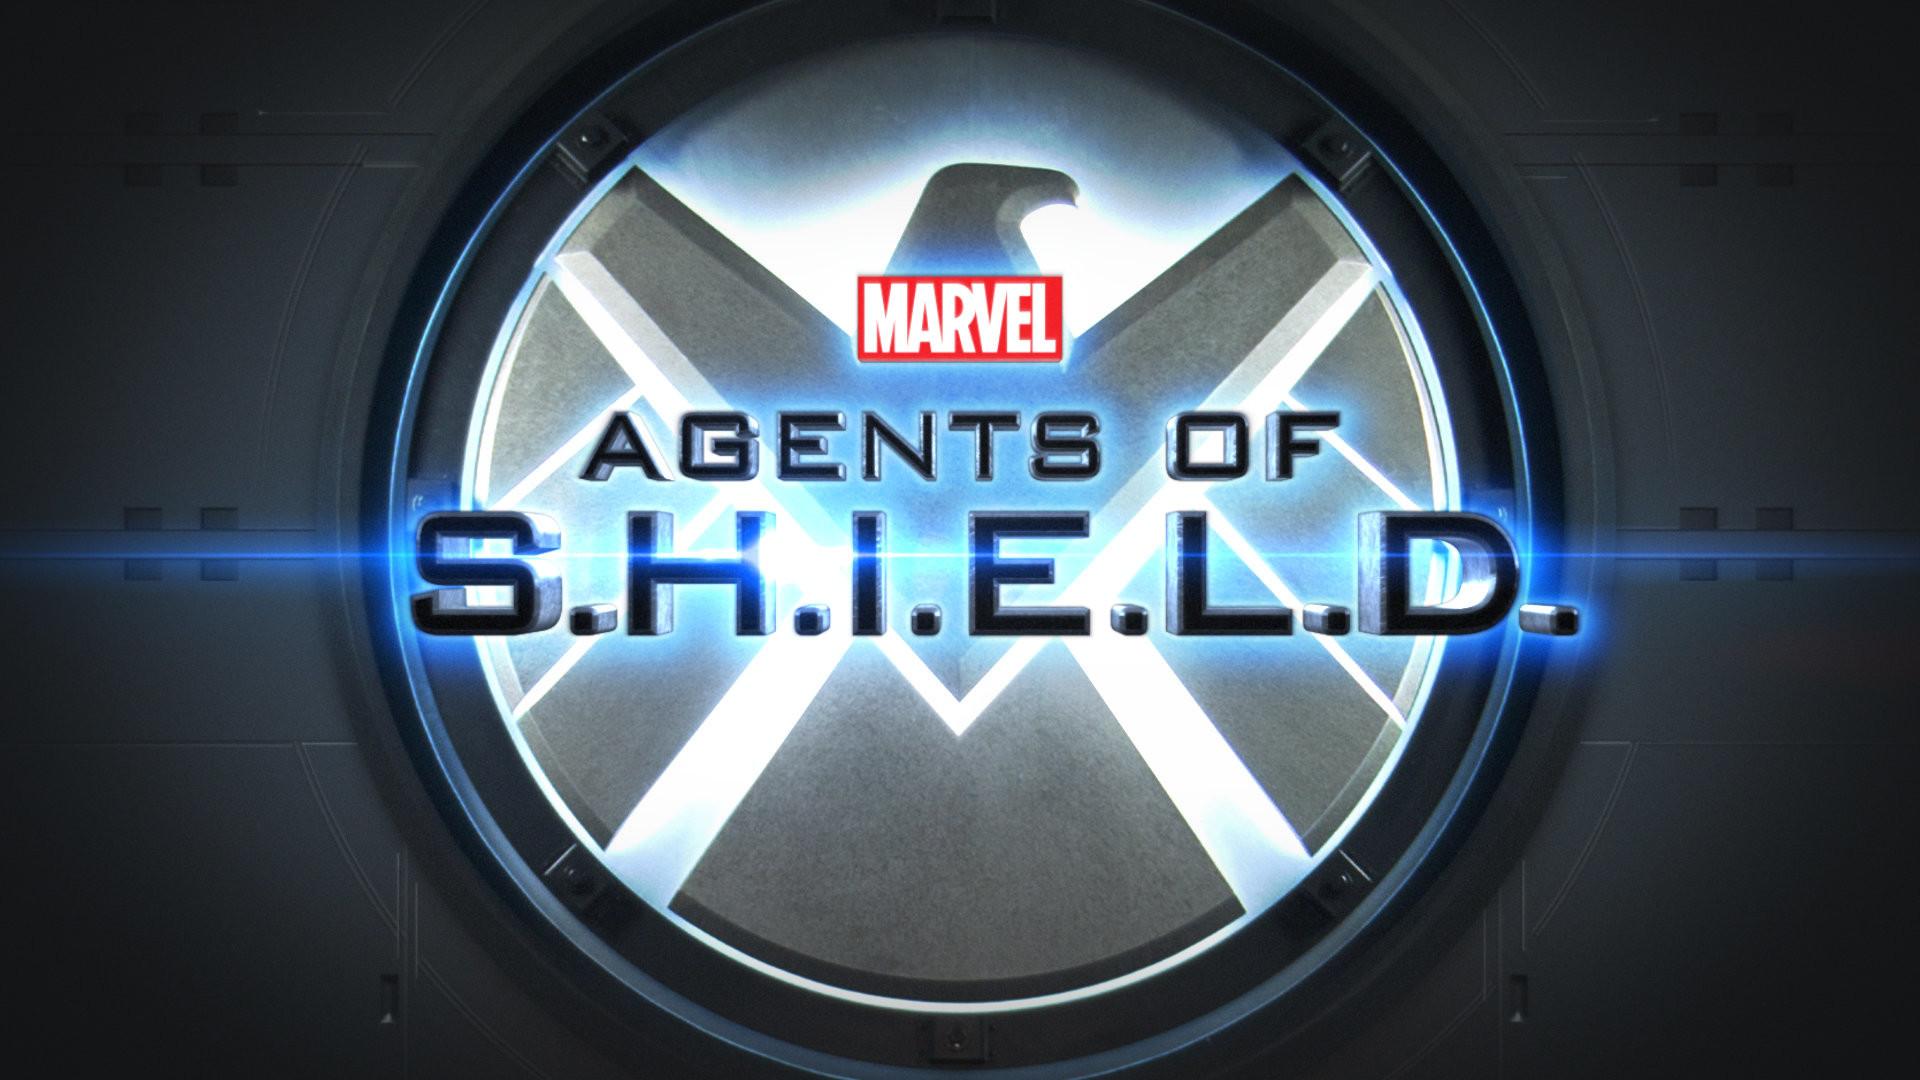 TV Show – Marvel's Agents of S.H.I.E.L.D. Wallpaper